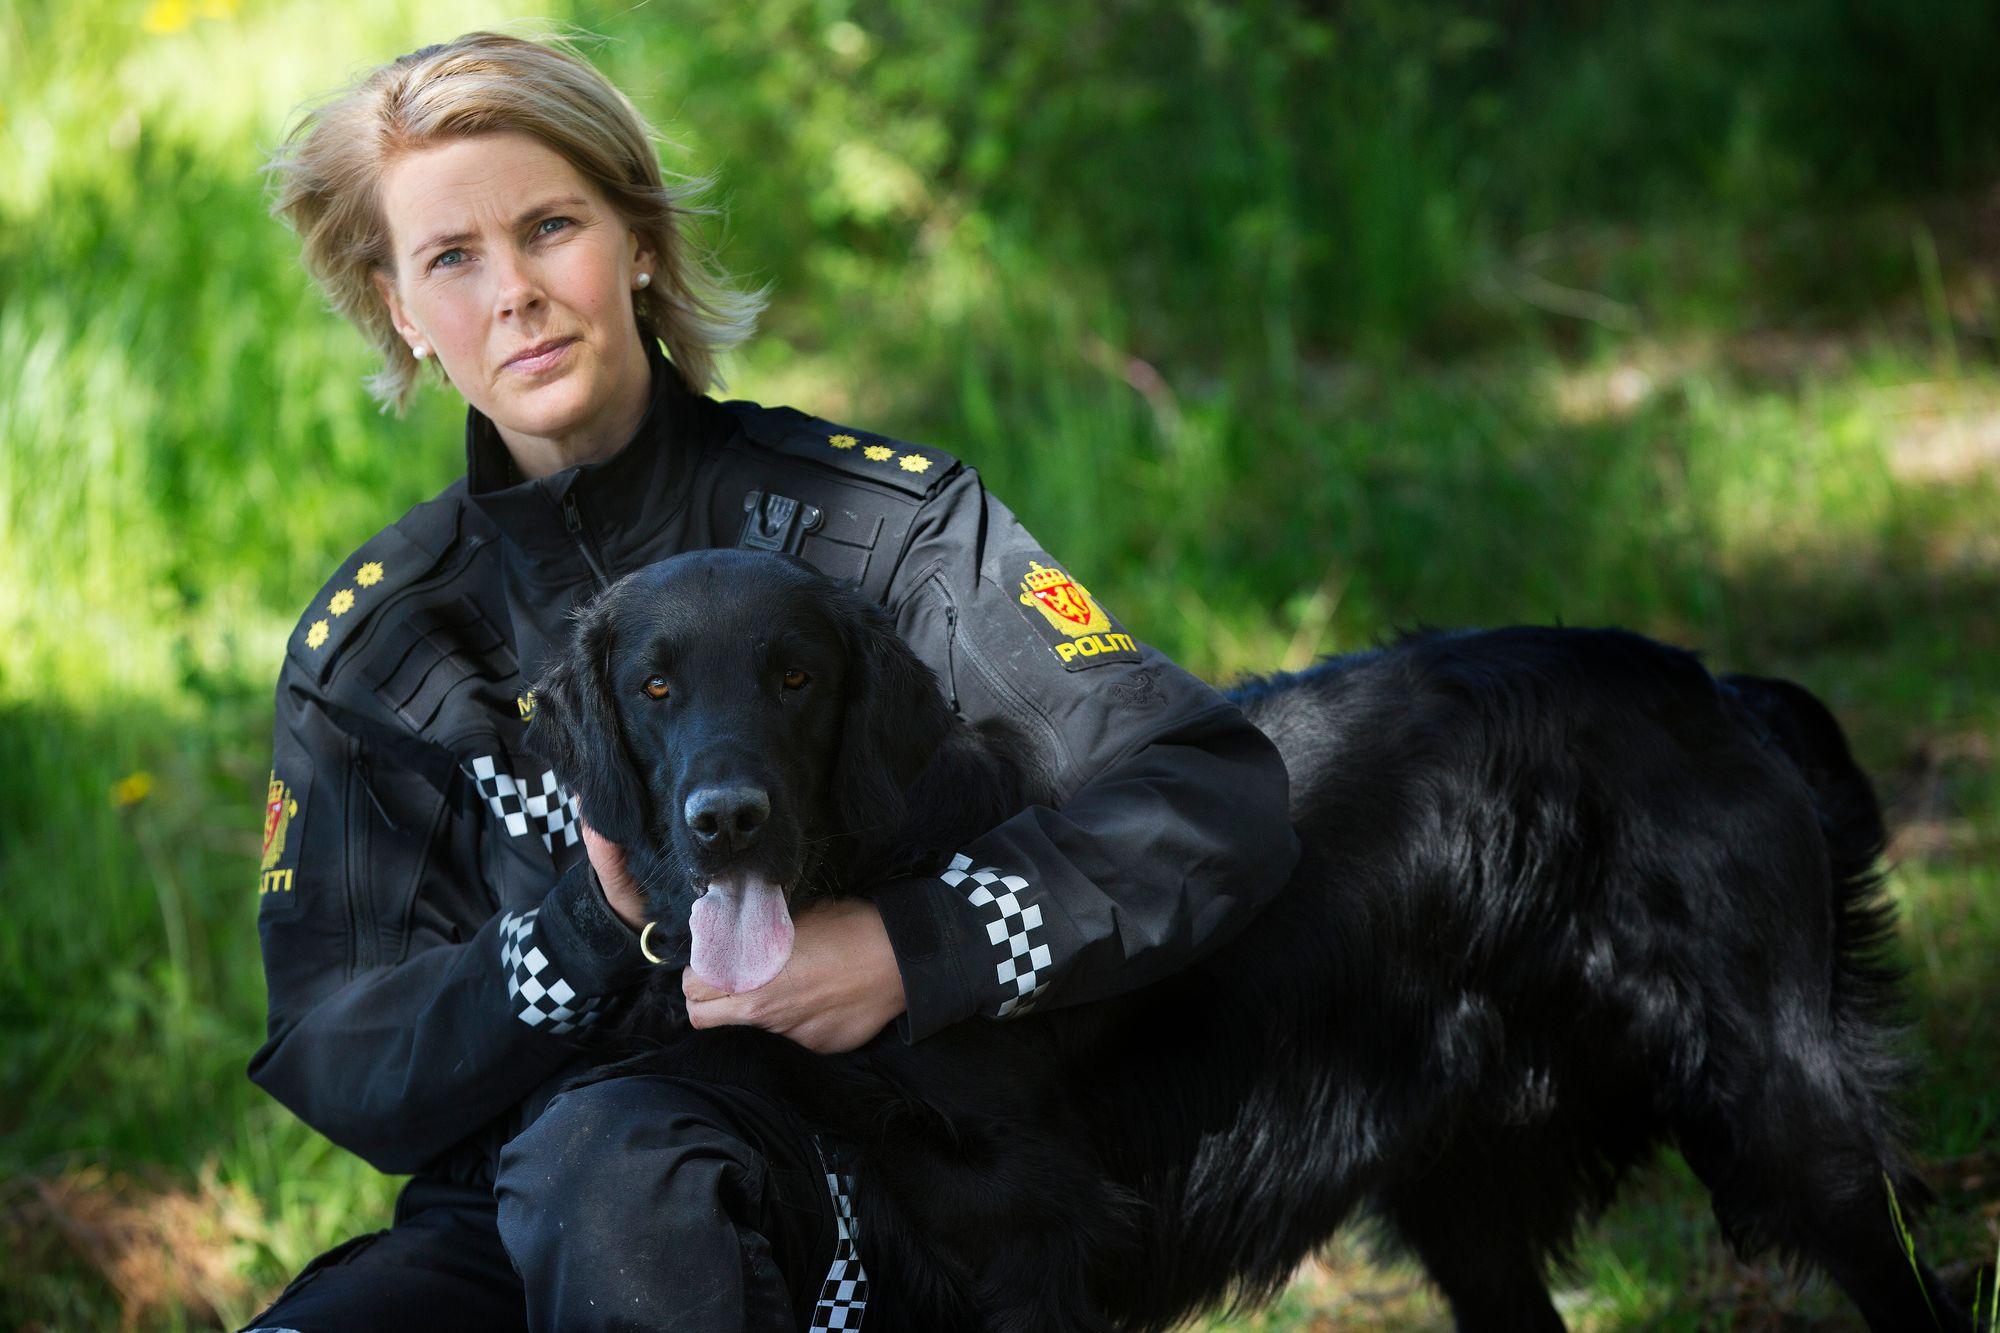 165fe06d Så kollegaen bli skutt - så mistet hun hundeførerjobben - Politiforum.no